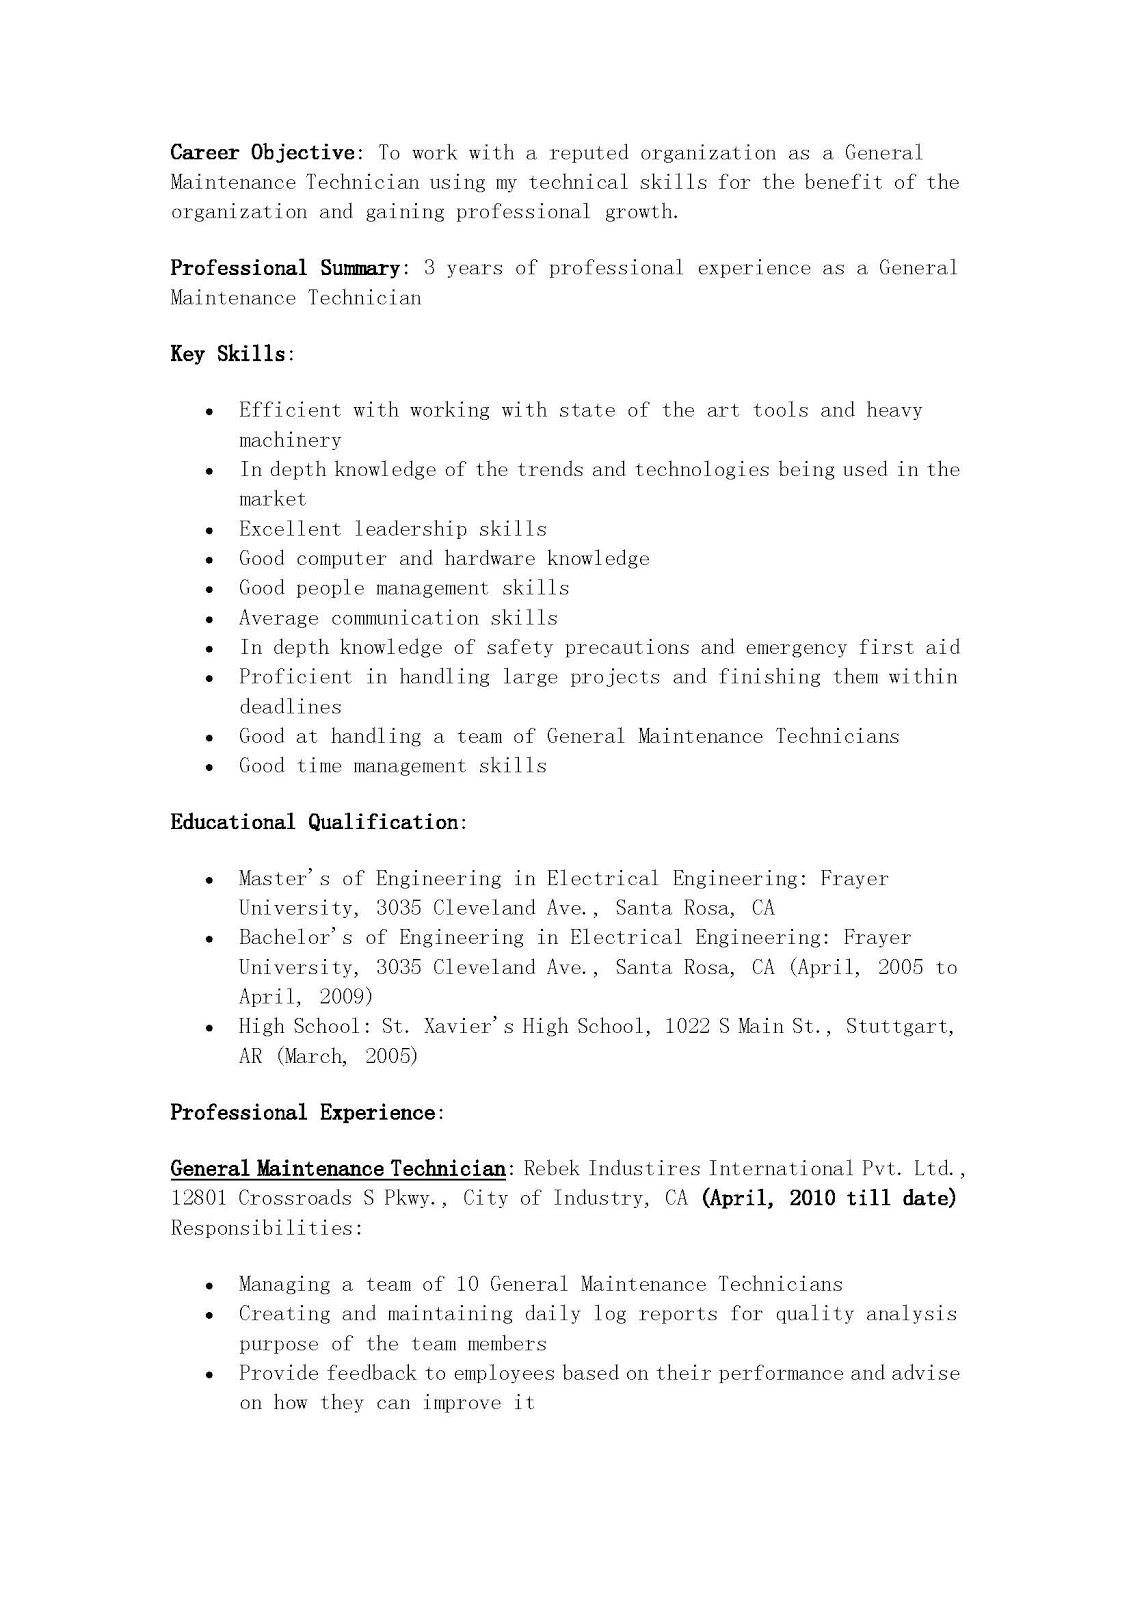 Ekg Technician Resume Cover Letter Sample Email Template